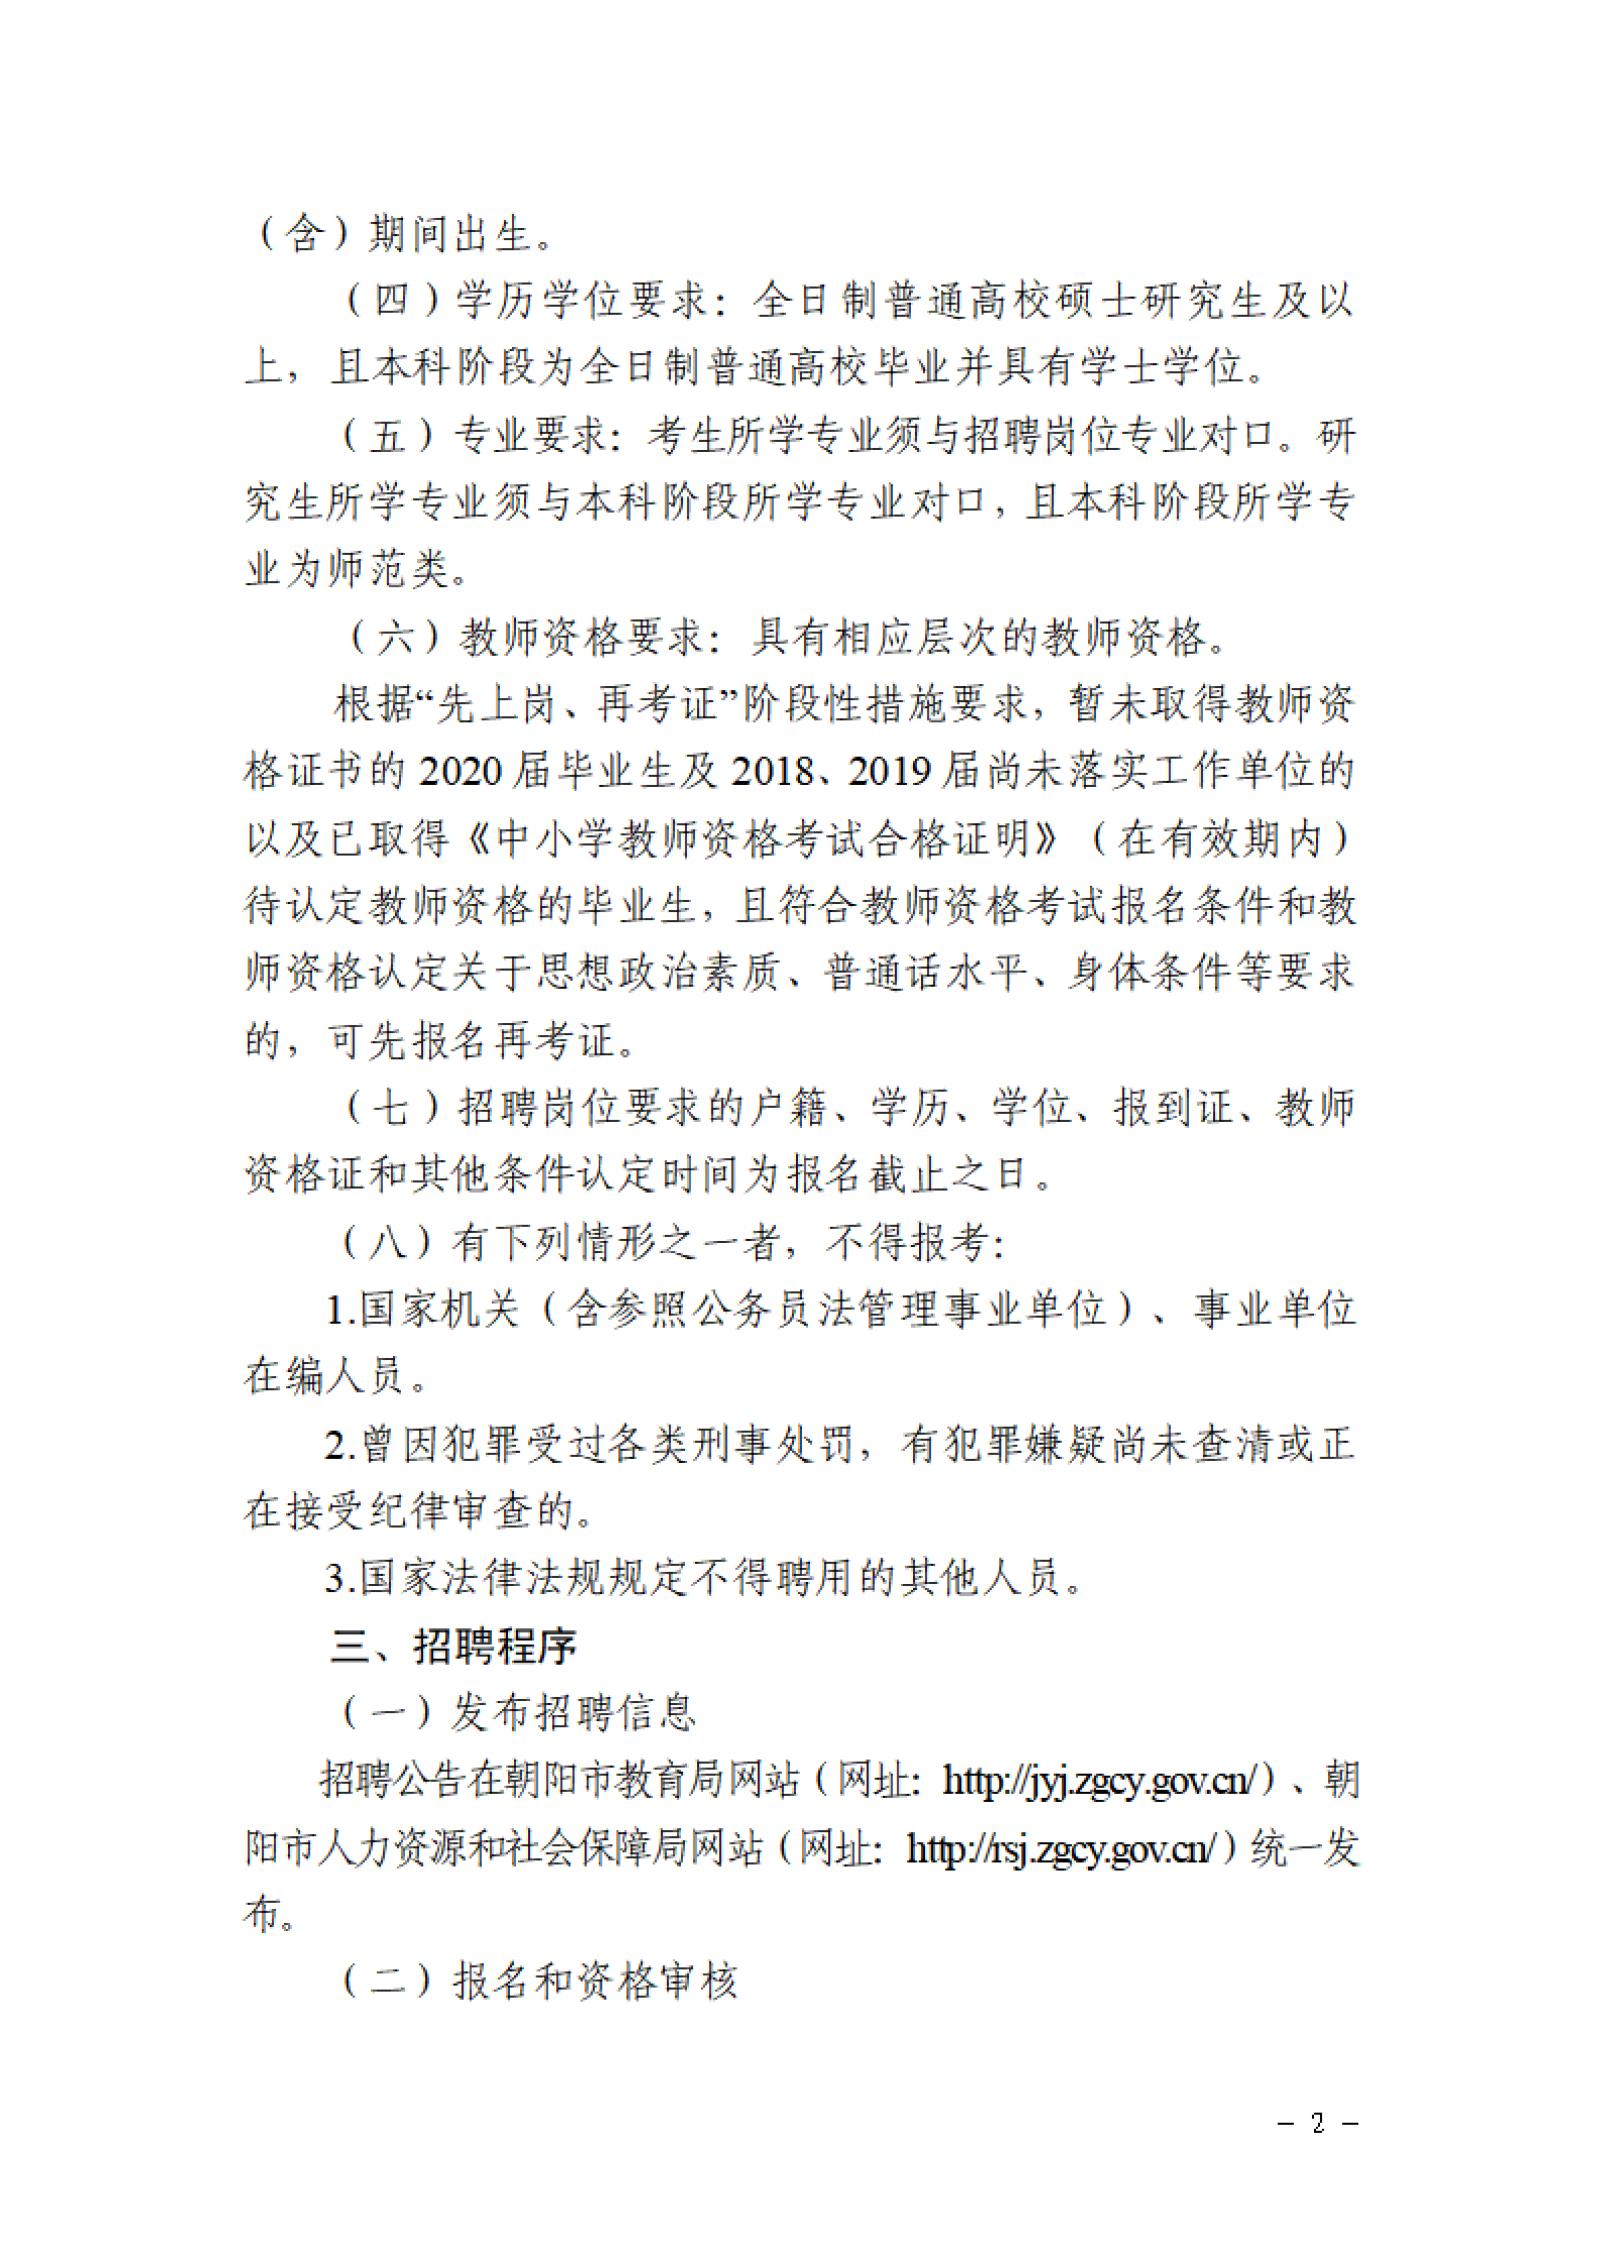 2020年朝阳市教育局直属学校第一批次招聘教师公告图2